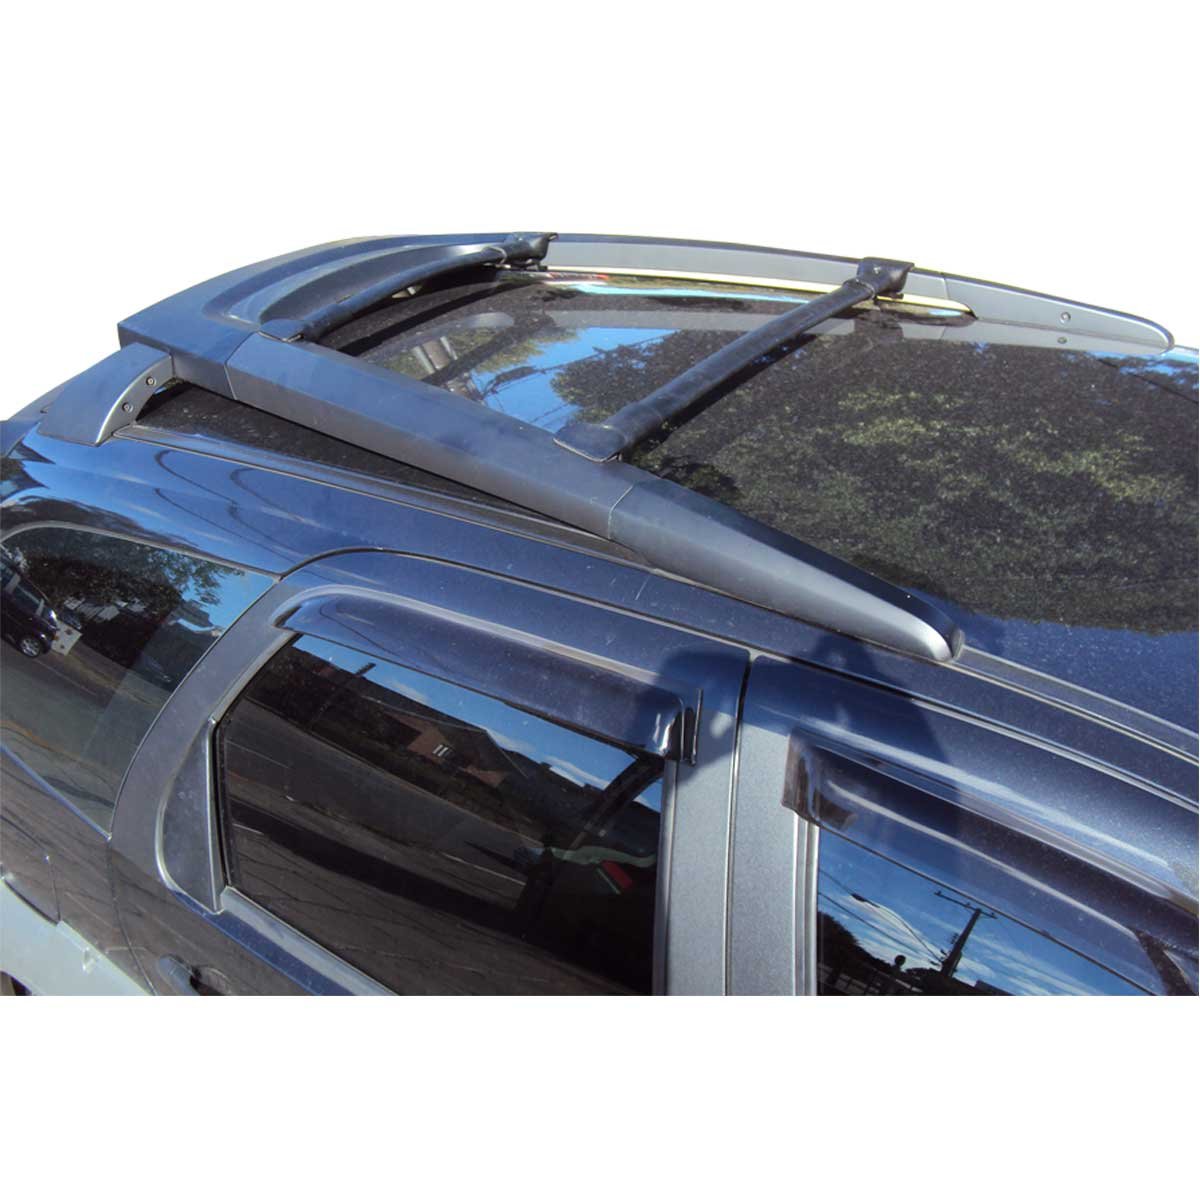 Travessa rack de teto larga preta alumínio Strada Adventure 2009 a 2020